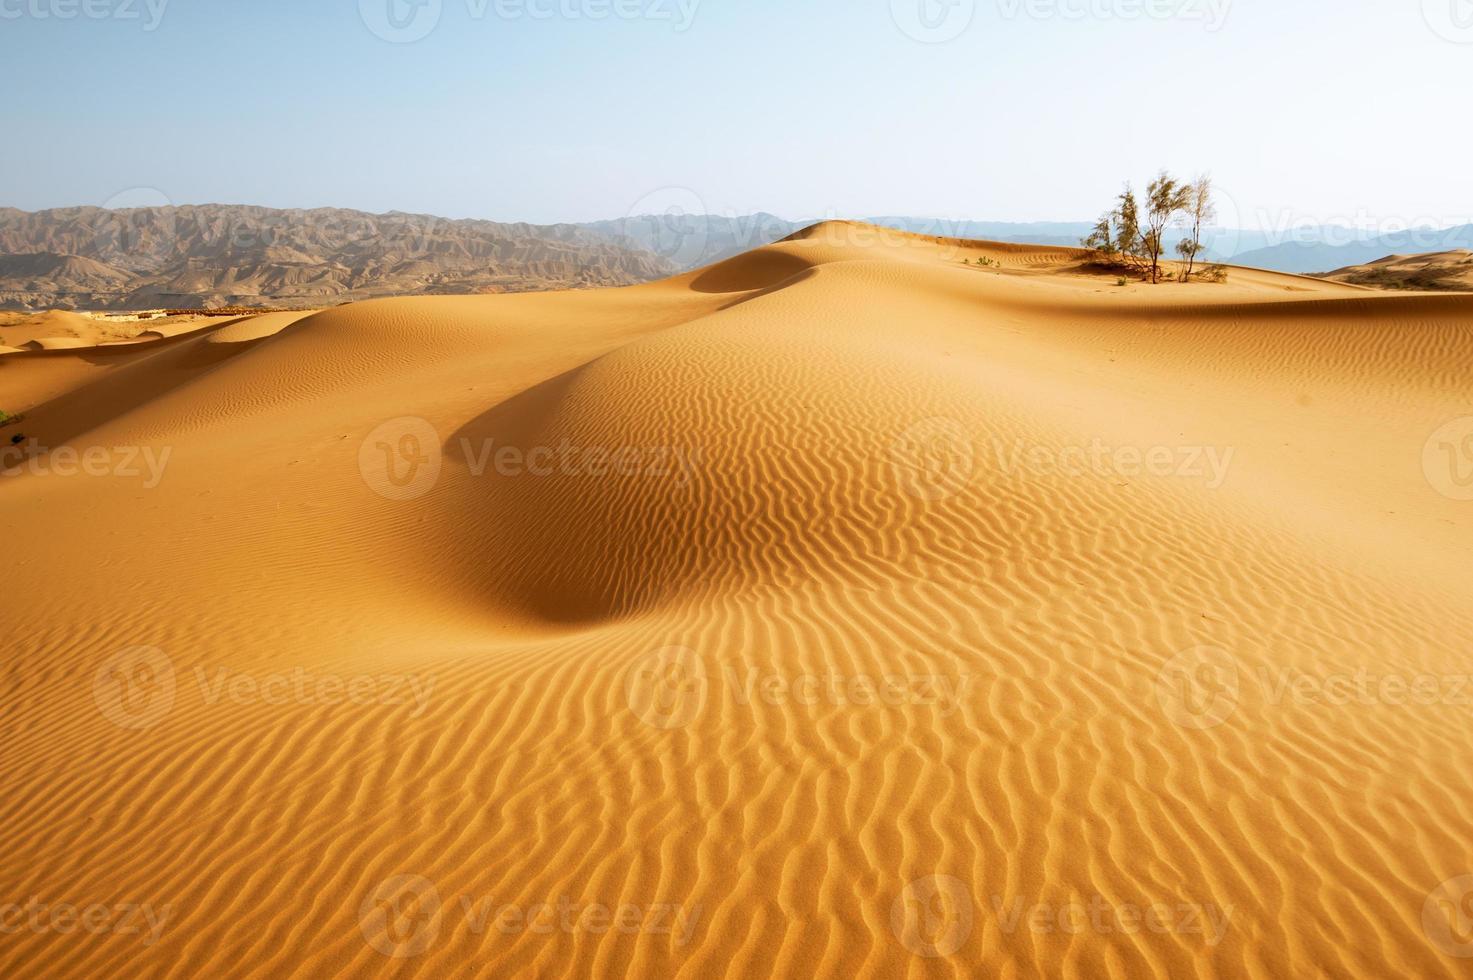 les chameaux du désert photo